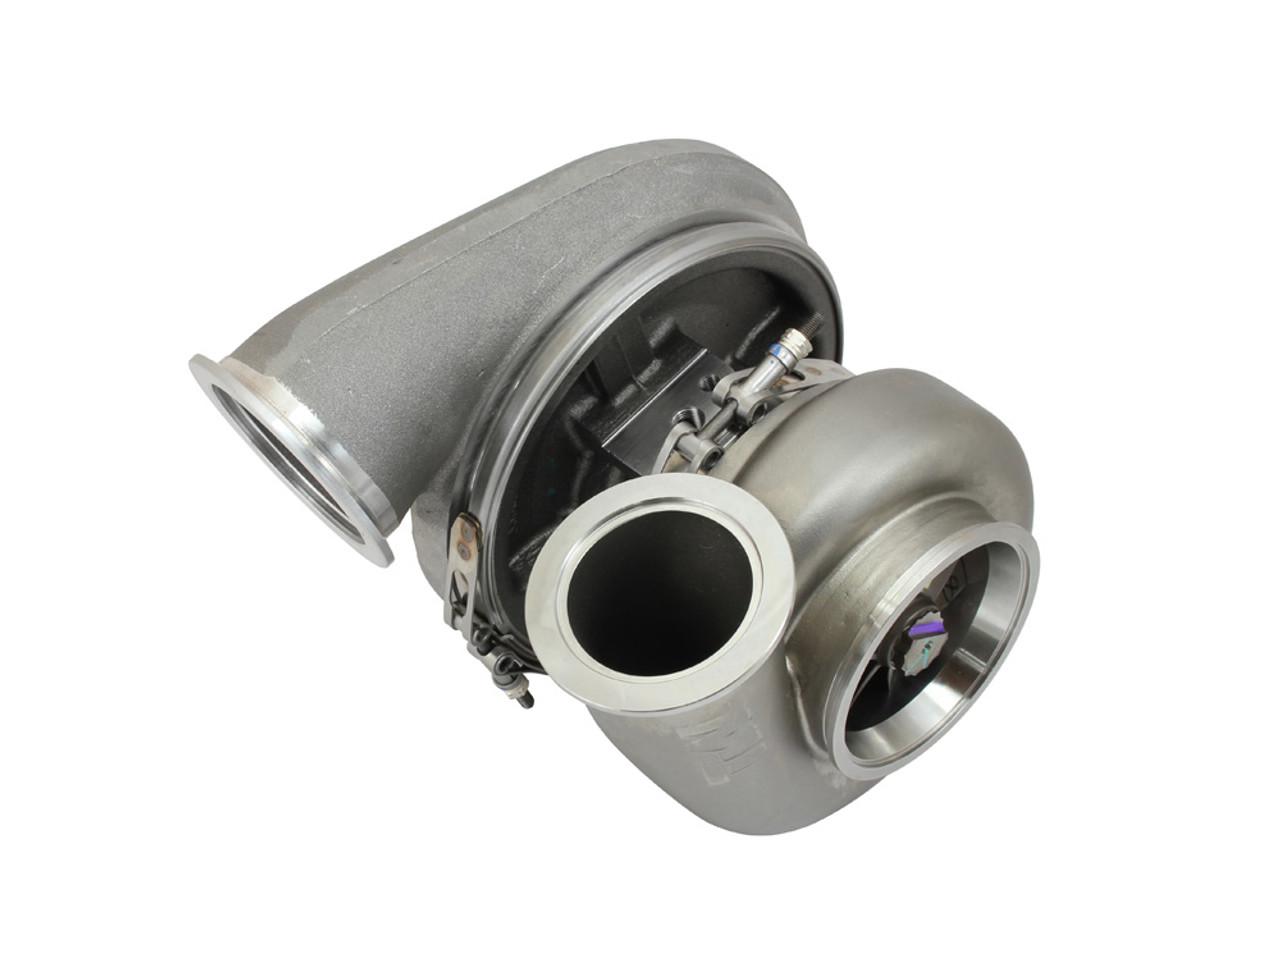 AGP Turbo Z480 Billet